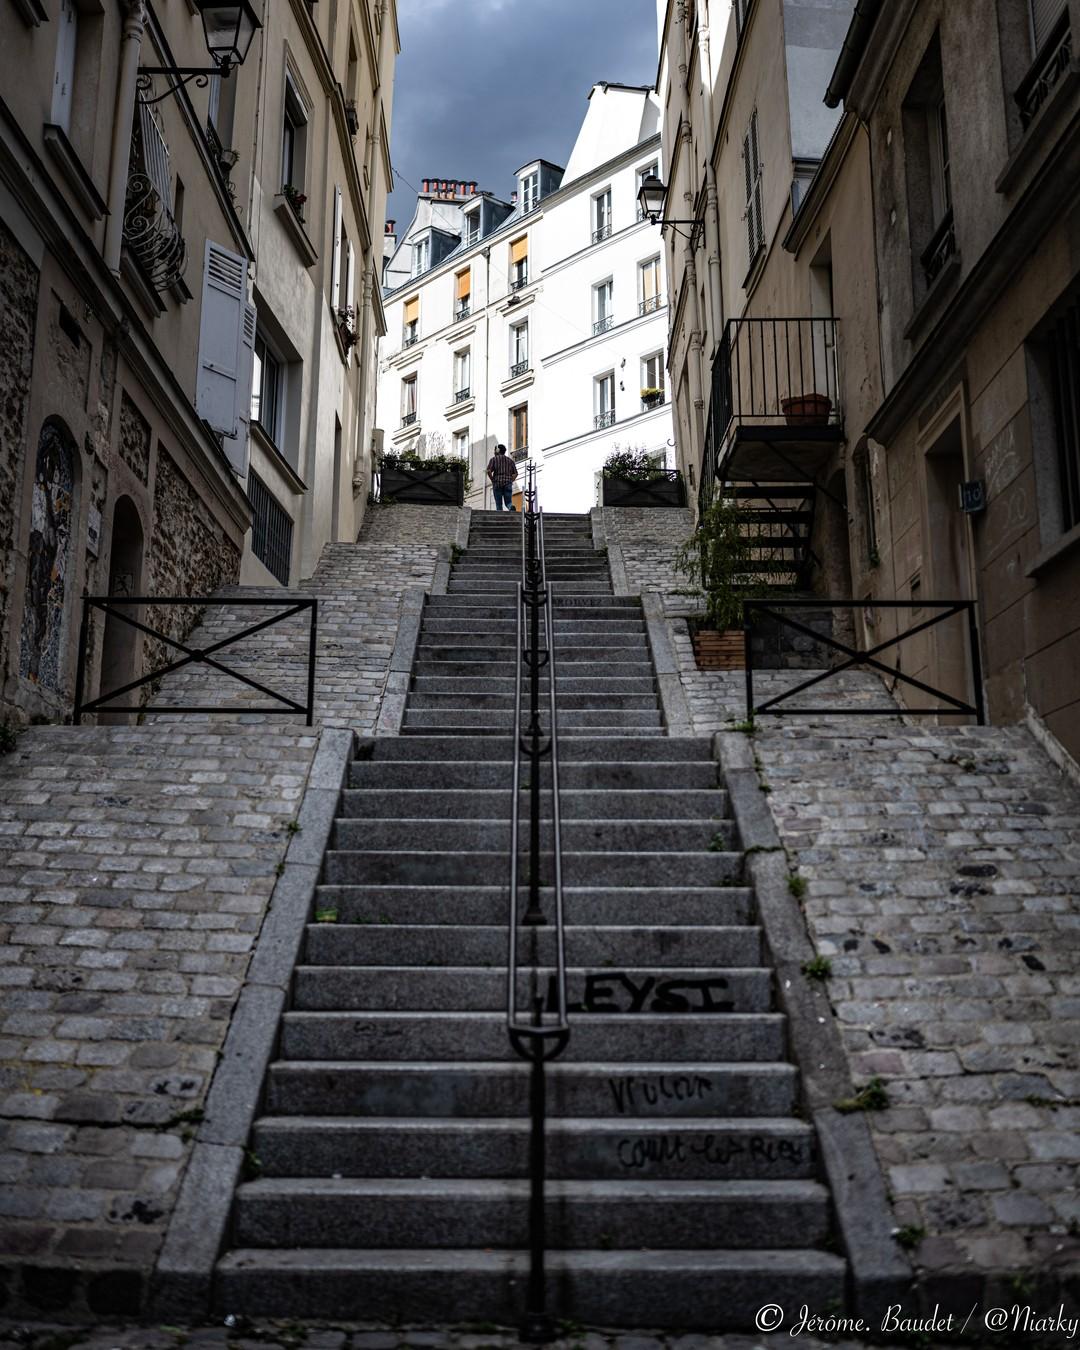 Gravir les mots pour monter les marches, on se retrouve là-haut pour en parler ?----------Let's climb the stairs, we'll meet up there to talk about it?.....#hello_paris, #ig_paris, #iloveparis, #montmartre, #Paris, #paris18, #pariscartepostale, #pariscityvision, #parismaville, #Street, #streetphoto, #streetphotography, #topparisphoto, #paris_focus_on - from Instagram